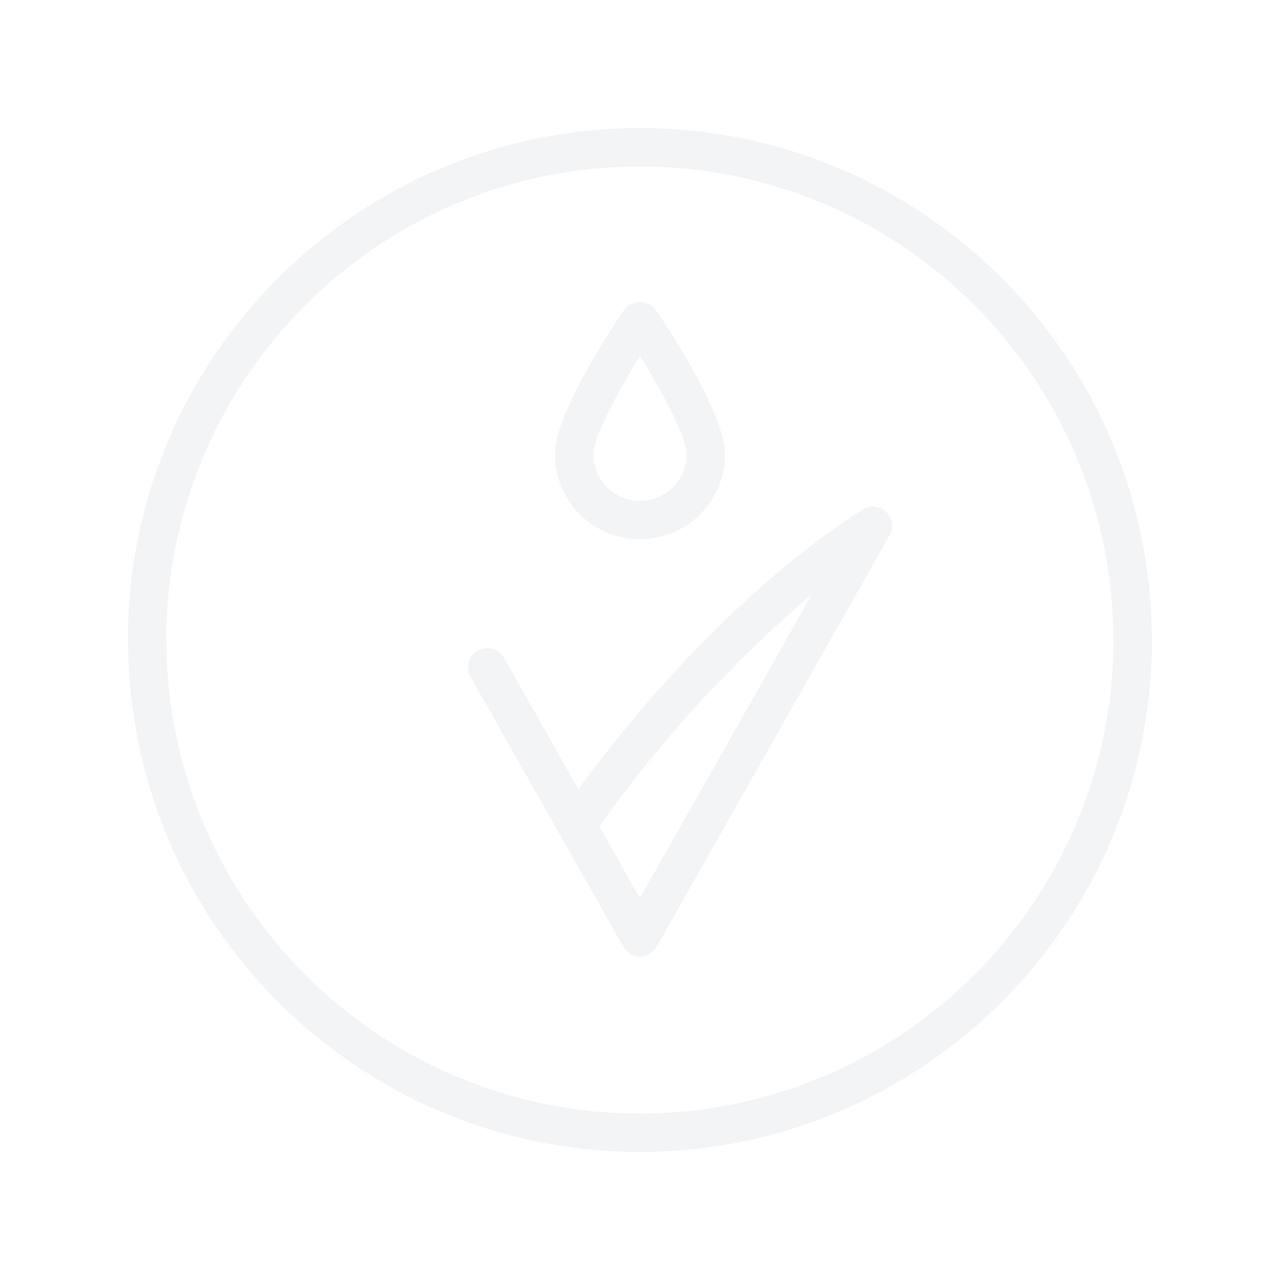 GOSH Mineral Powder No.006 Honey 8g